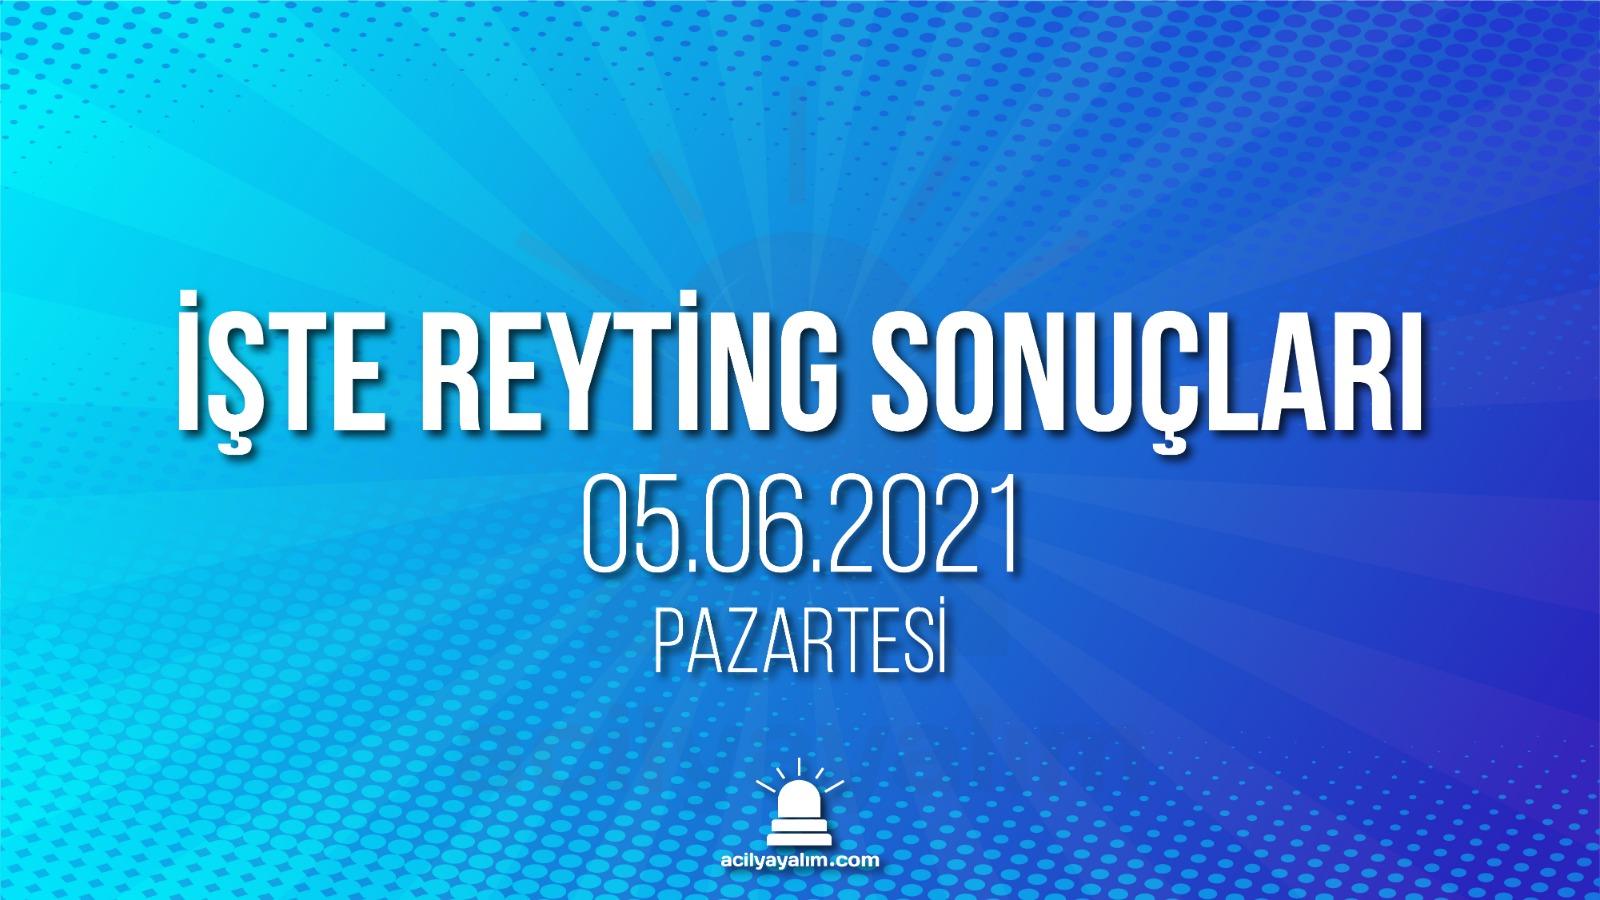 5 Temmuz 2021 Pazartesi reyting sonuçları